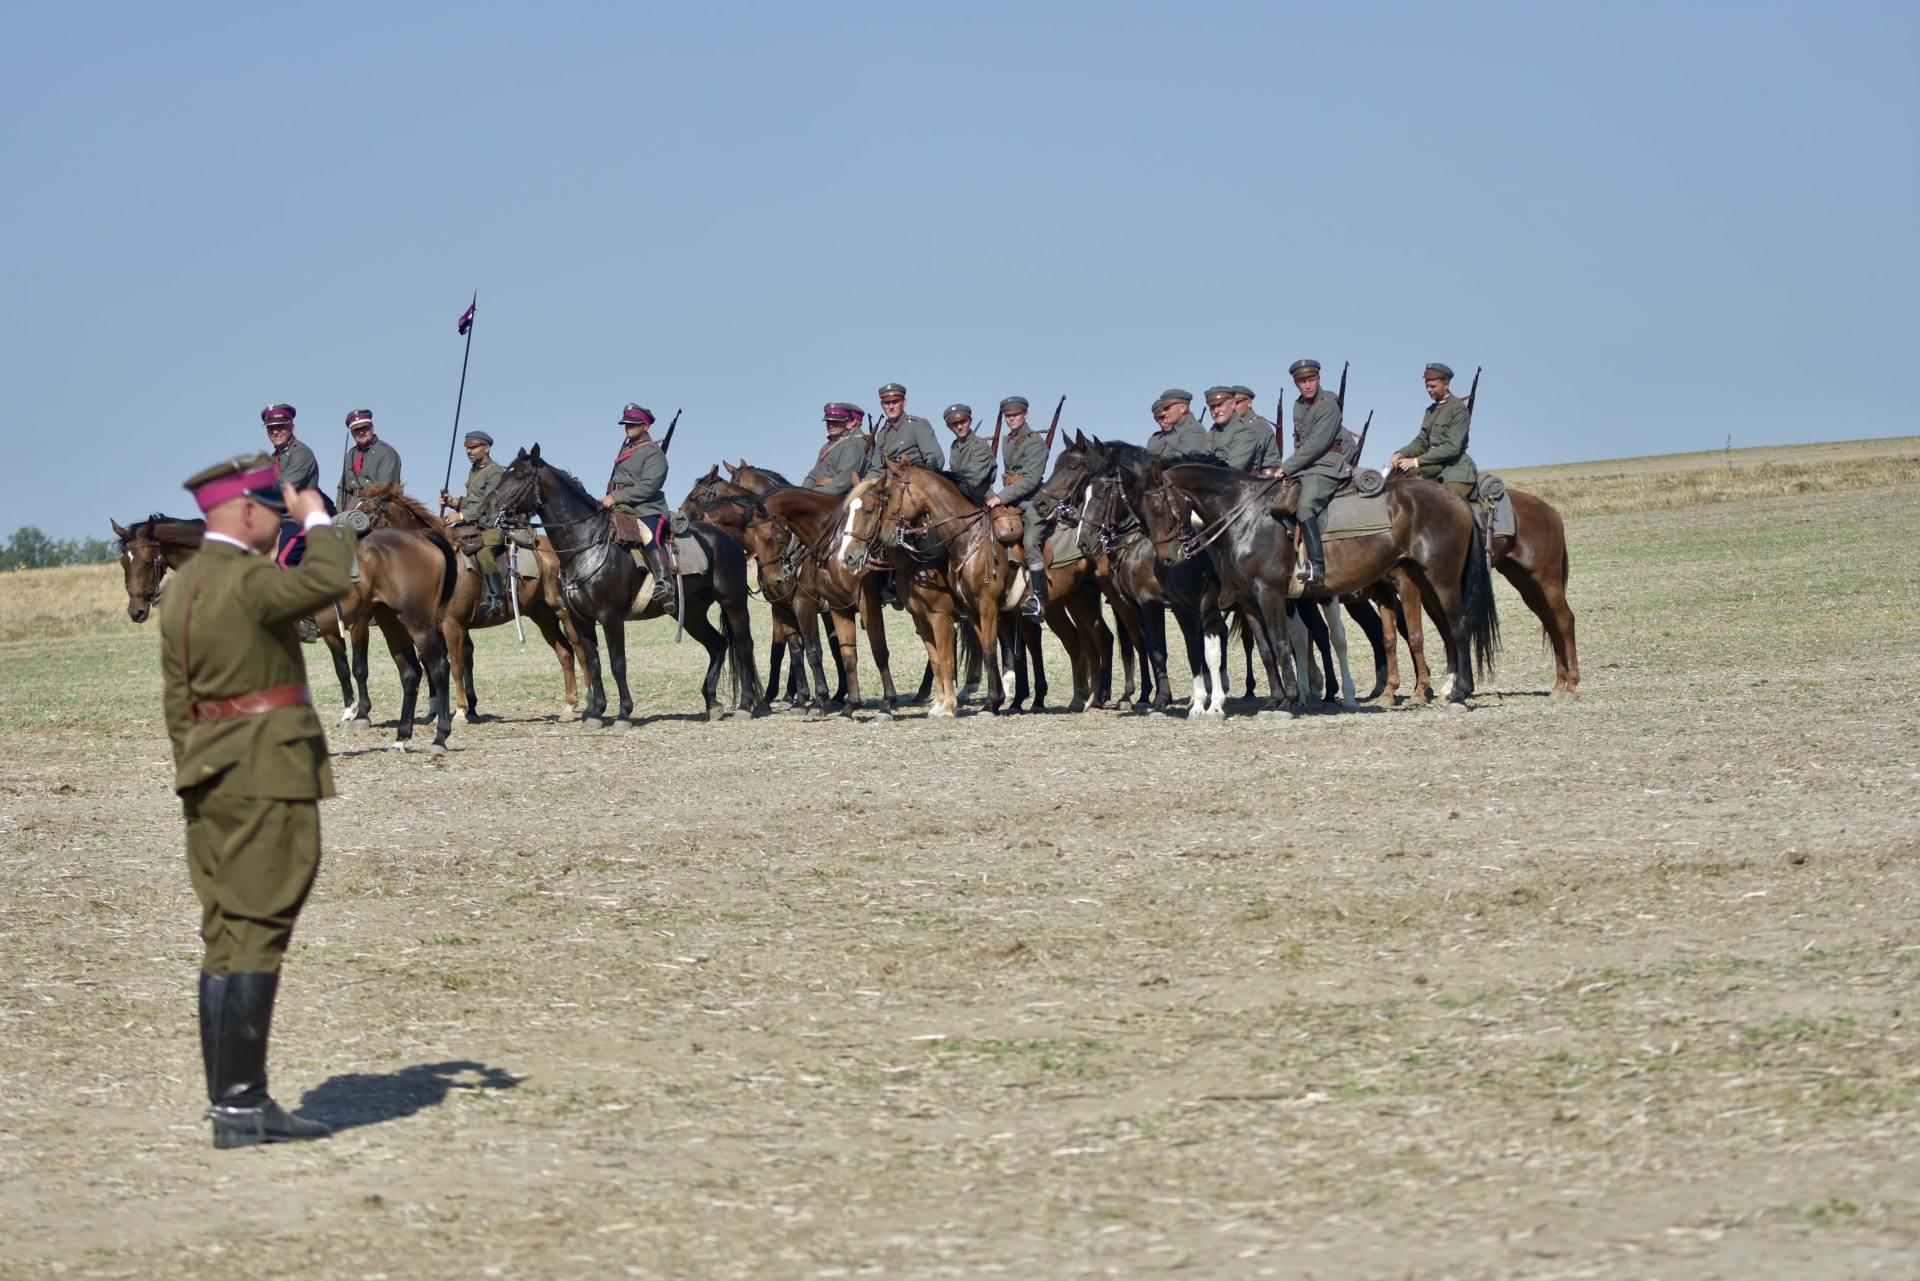 dsc 1199 Czas szabli - 100 rocznica bitwy pod Komarowem(zdjęcia)